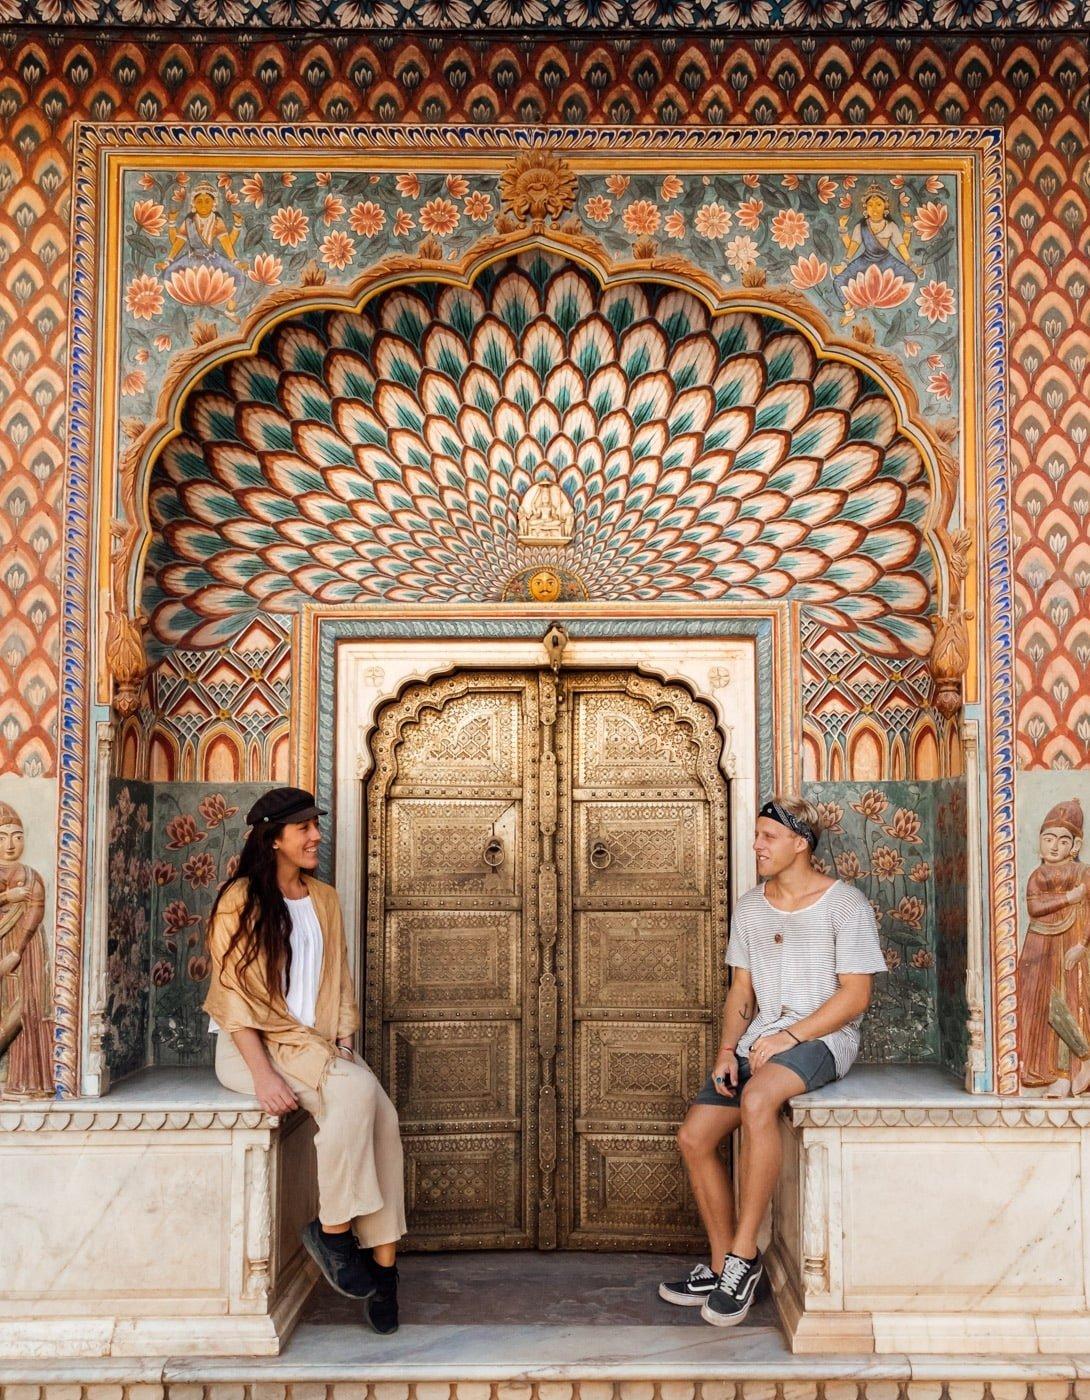 JAIPUR PALACE FAMOUS DOOR PHOTO